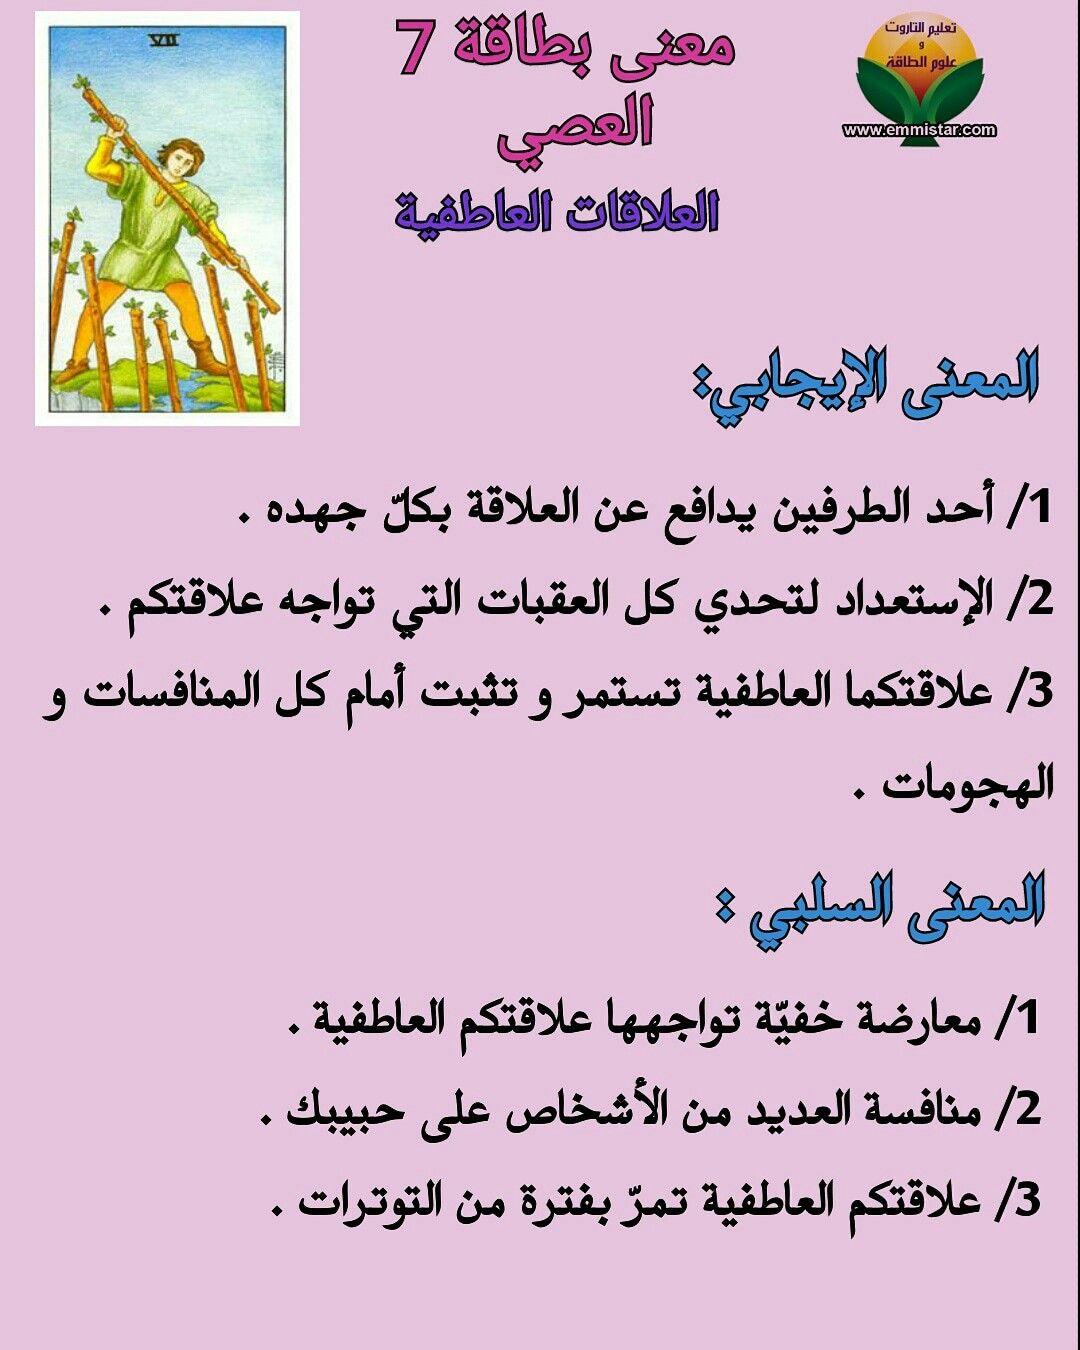 Pin By Amina Aliko On تعليم التاروت Tarot Tarot Card Meanings Tarot Reading